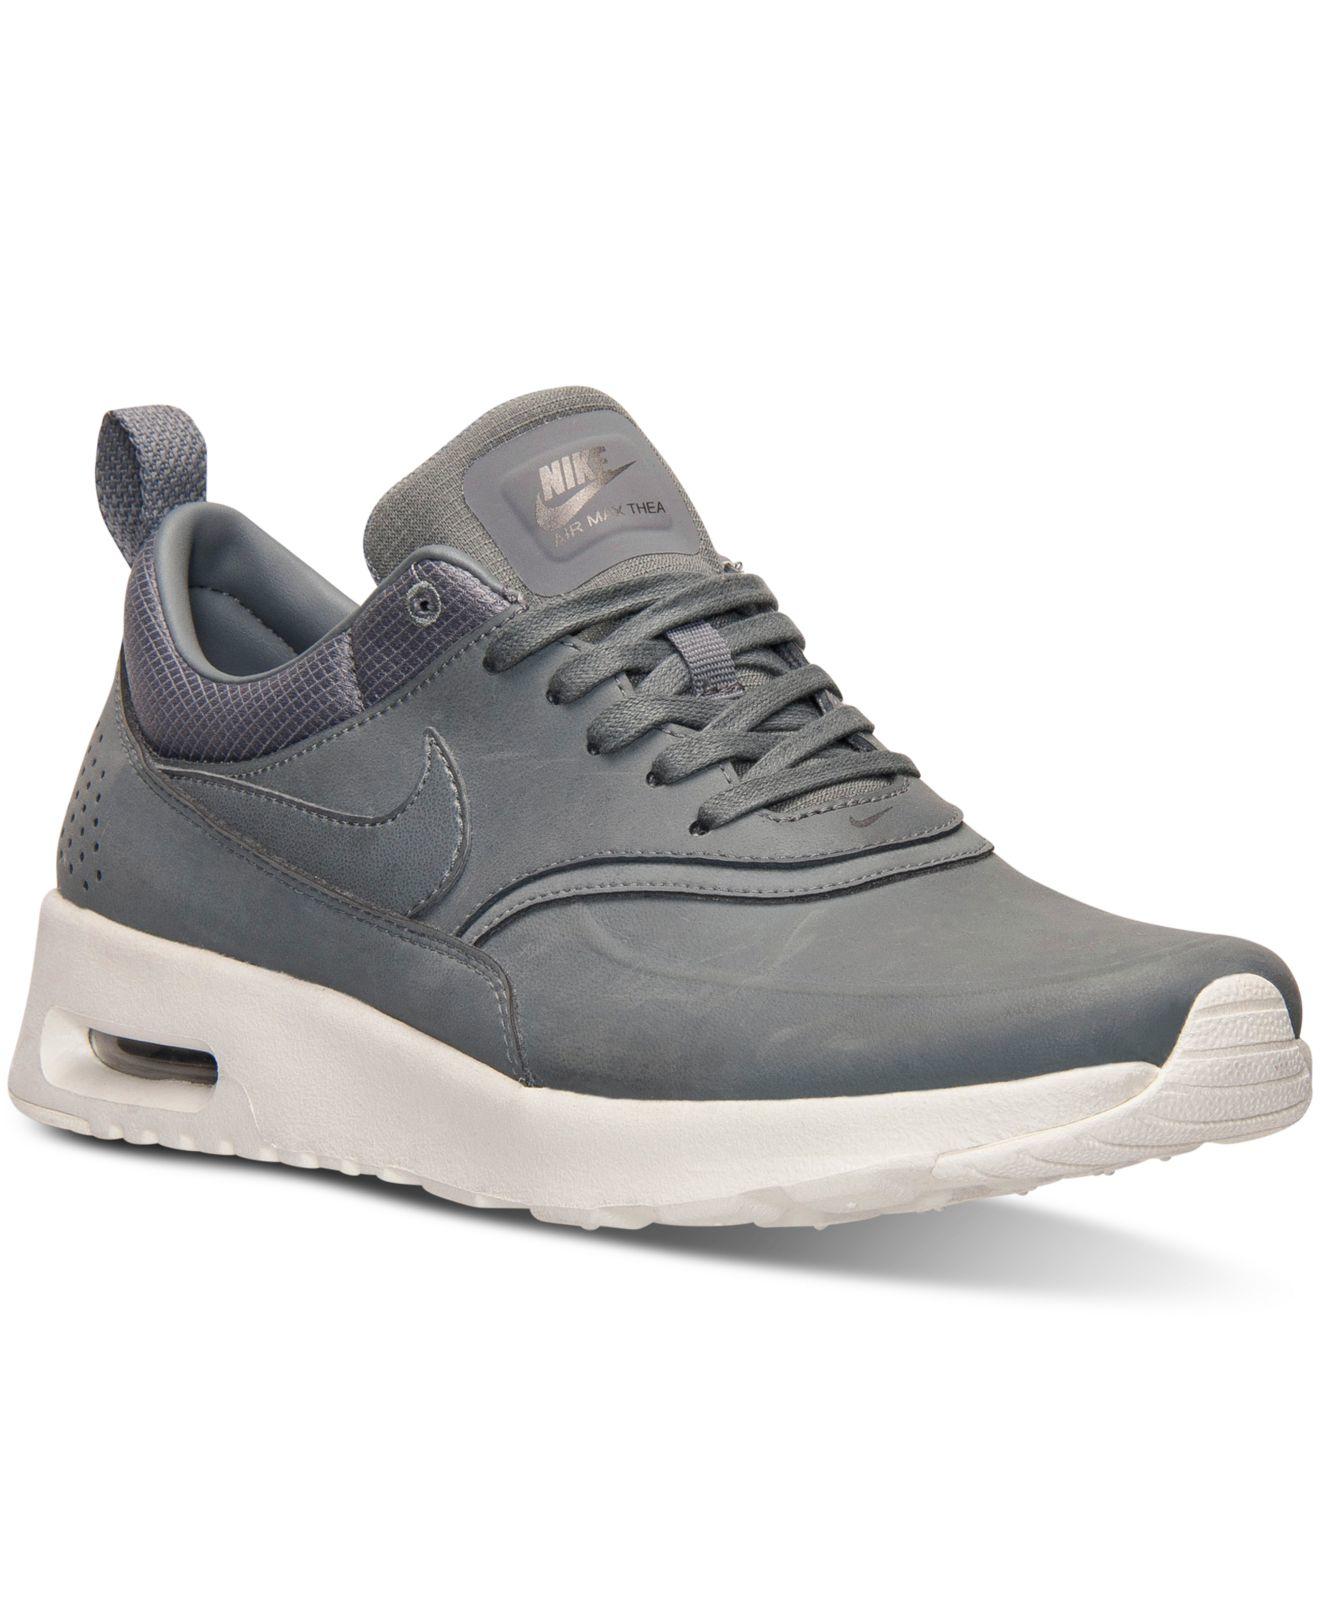 Nike Shoes For Women Macy S